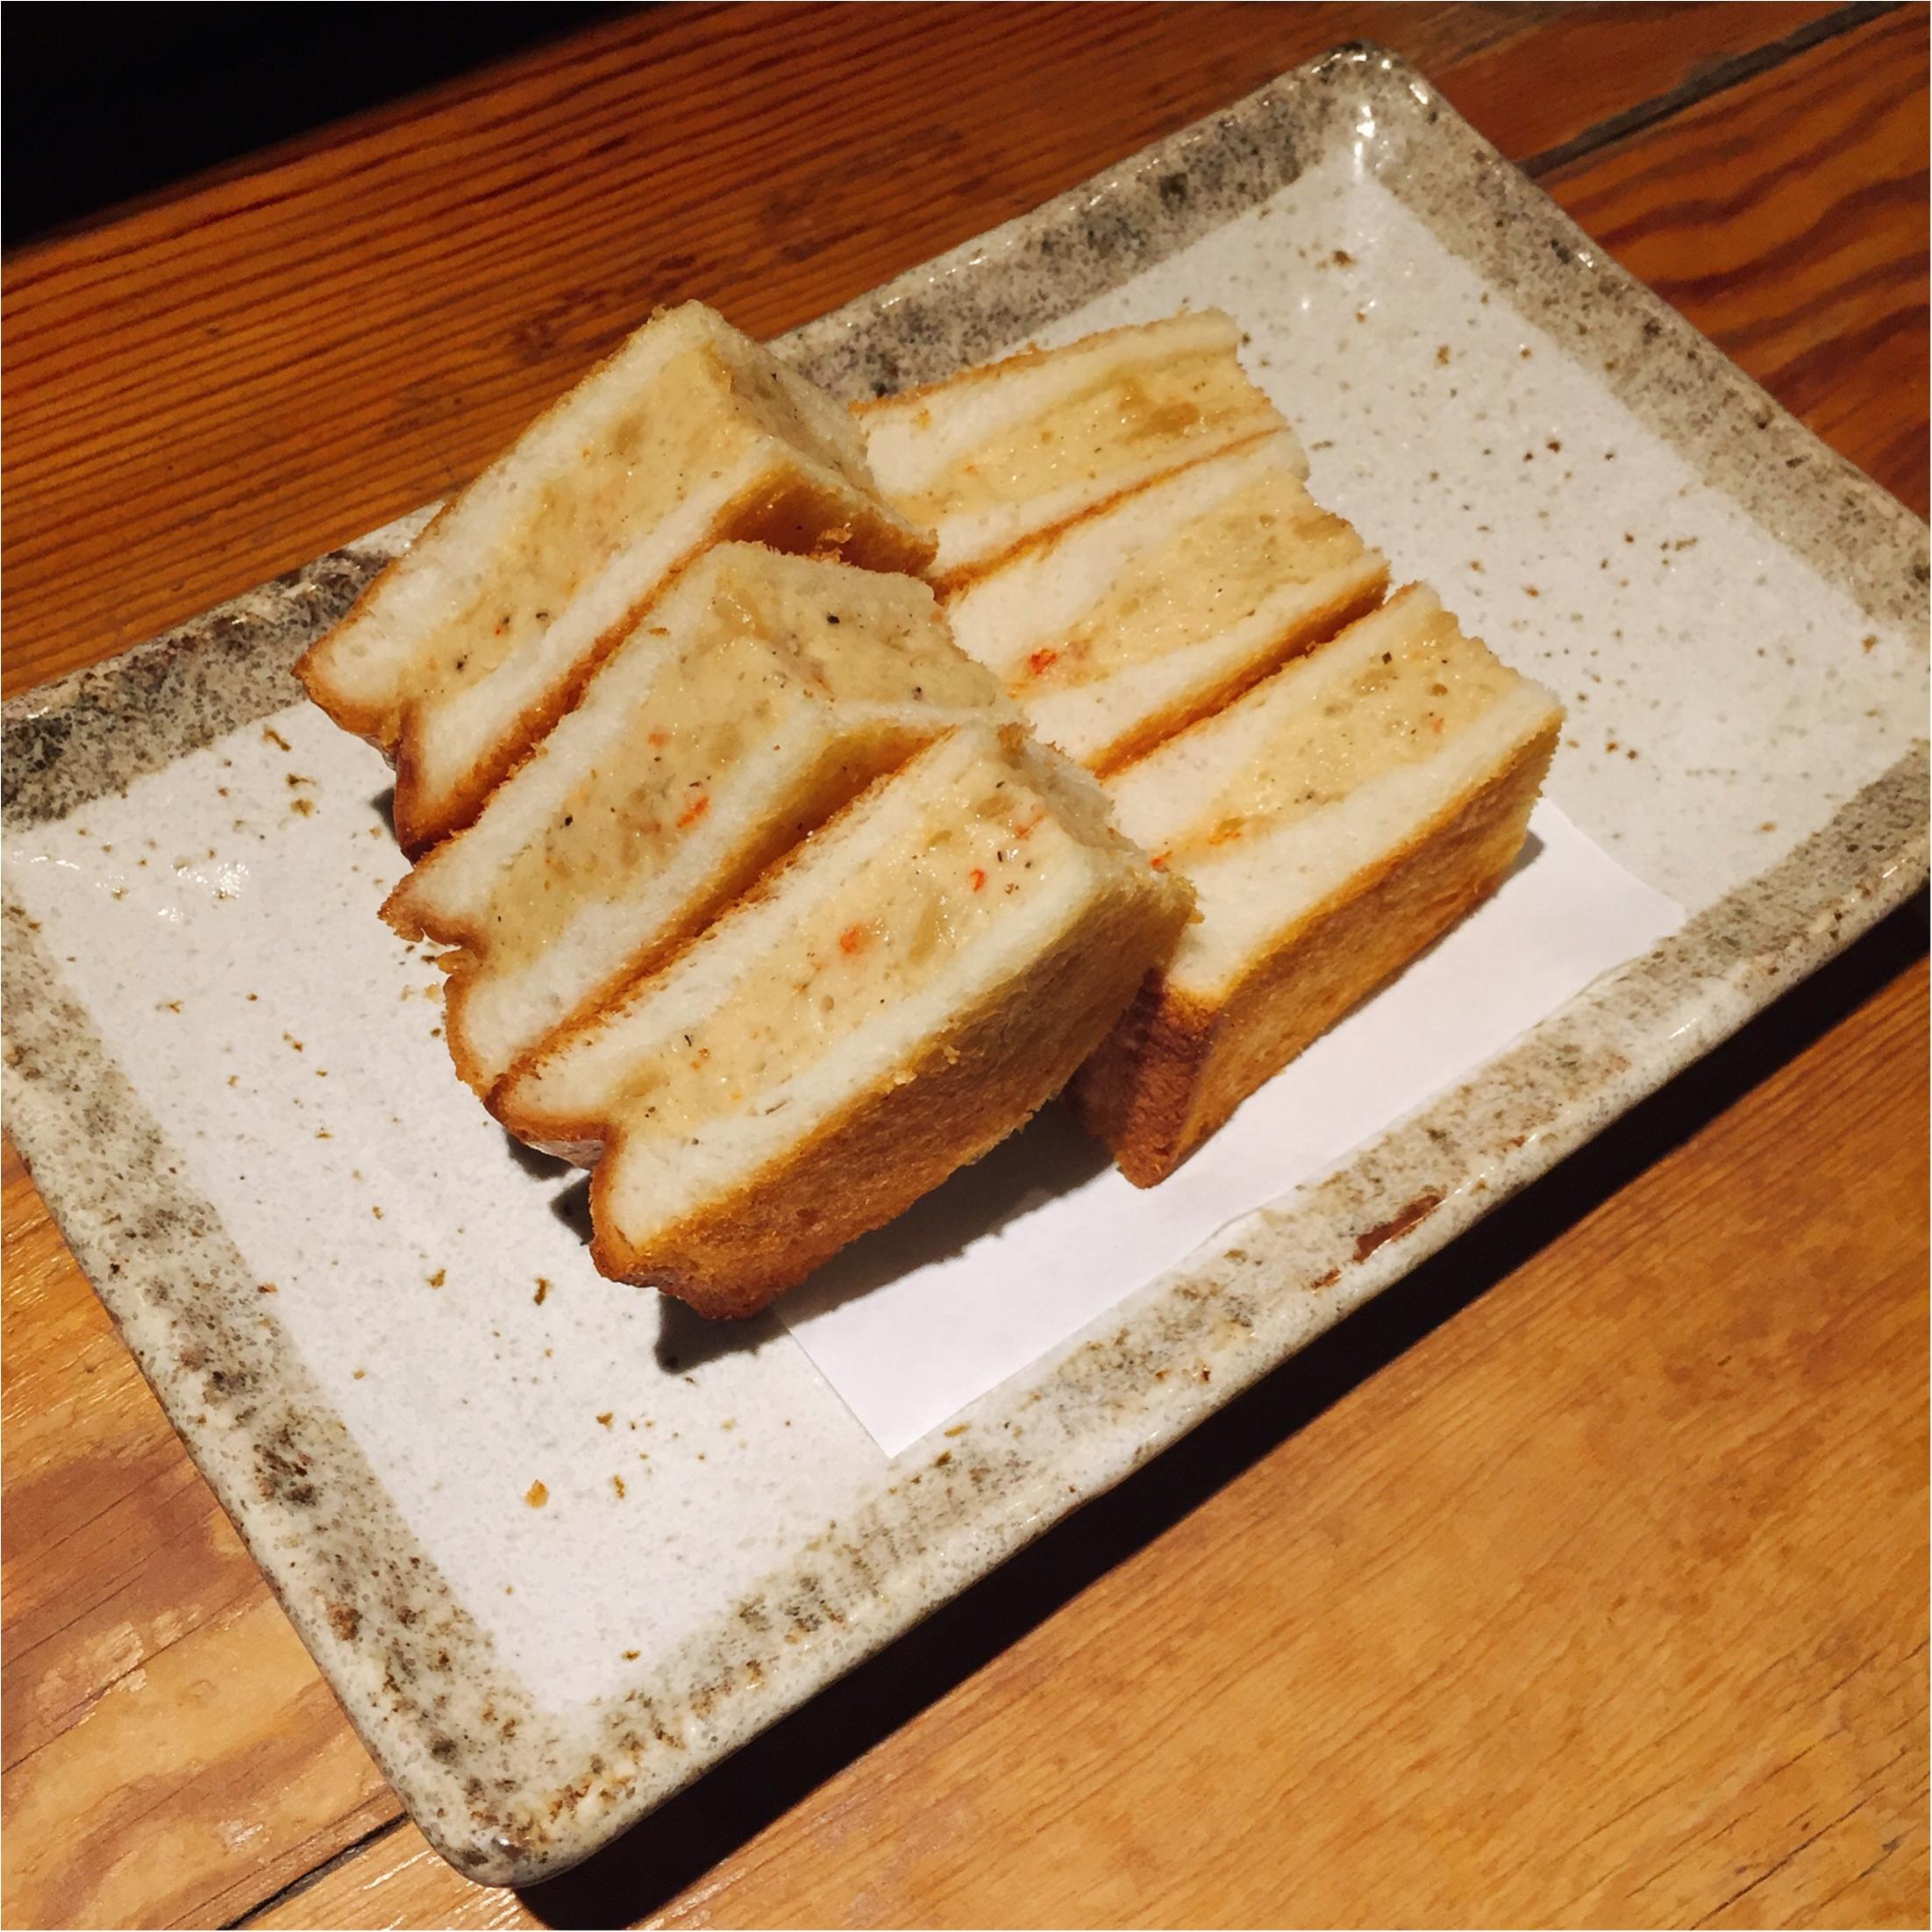 【恵比寿】そば・しゃぶしゃぶ・日本酒を楽しむなら『まにん』✨黒豚つけ麺そばが絶品〜♡_5_1